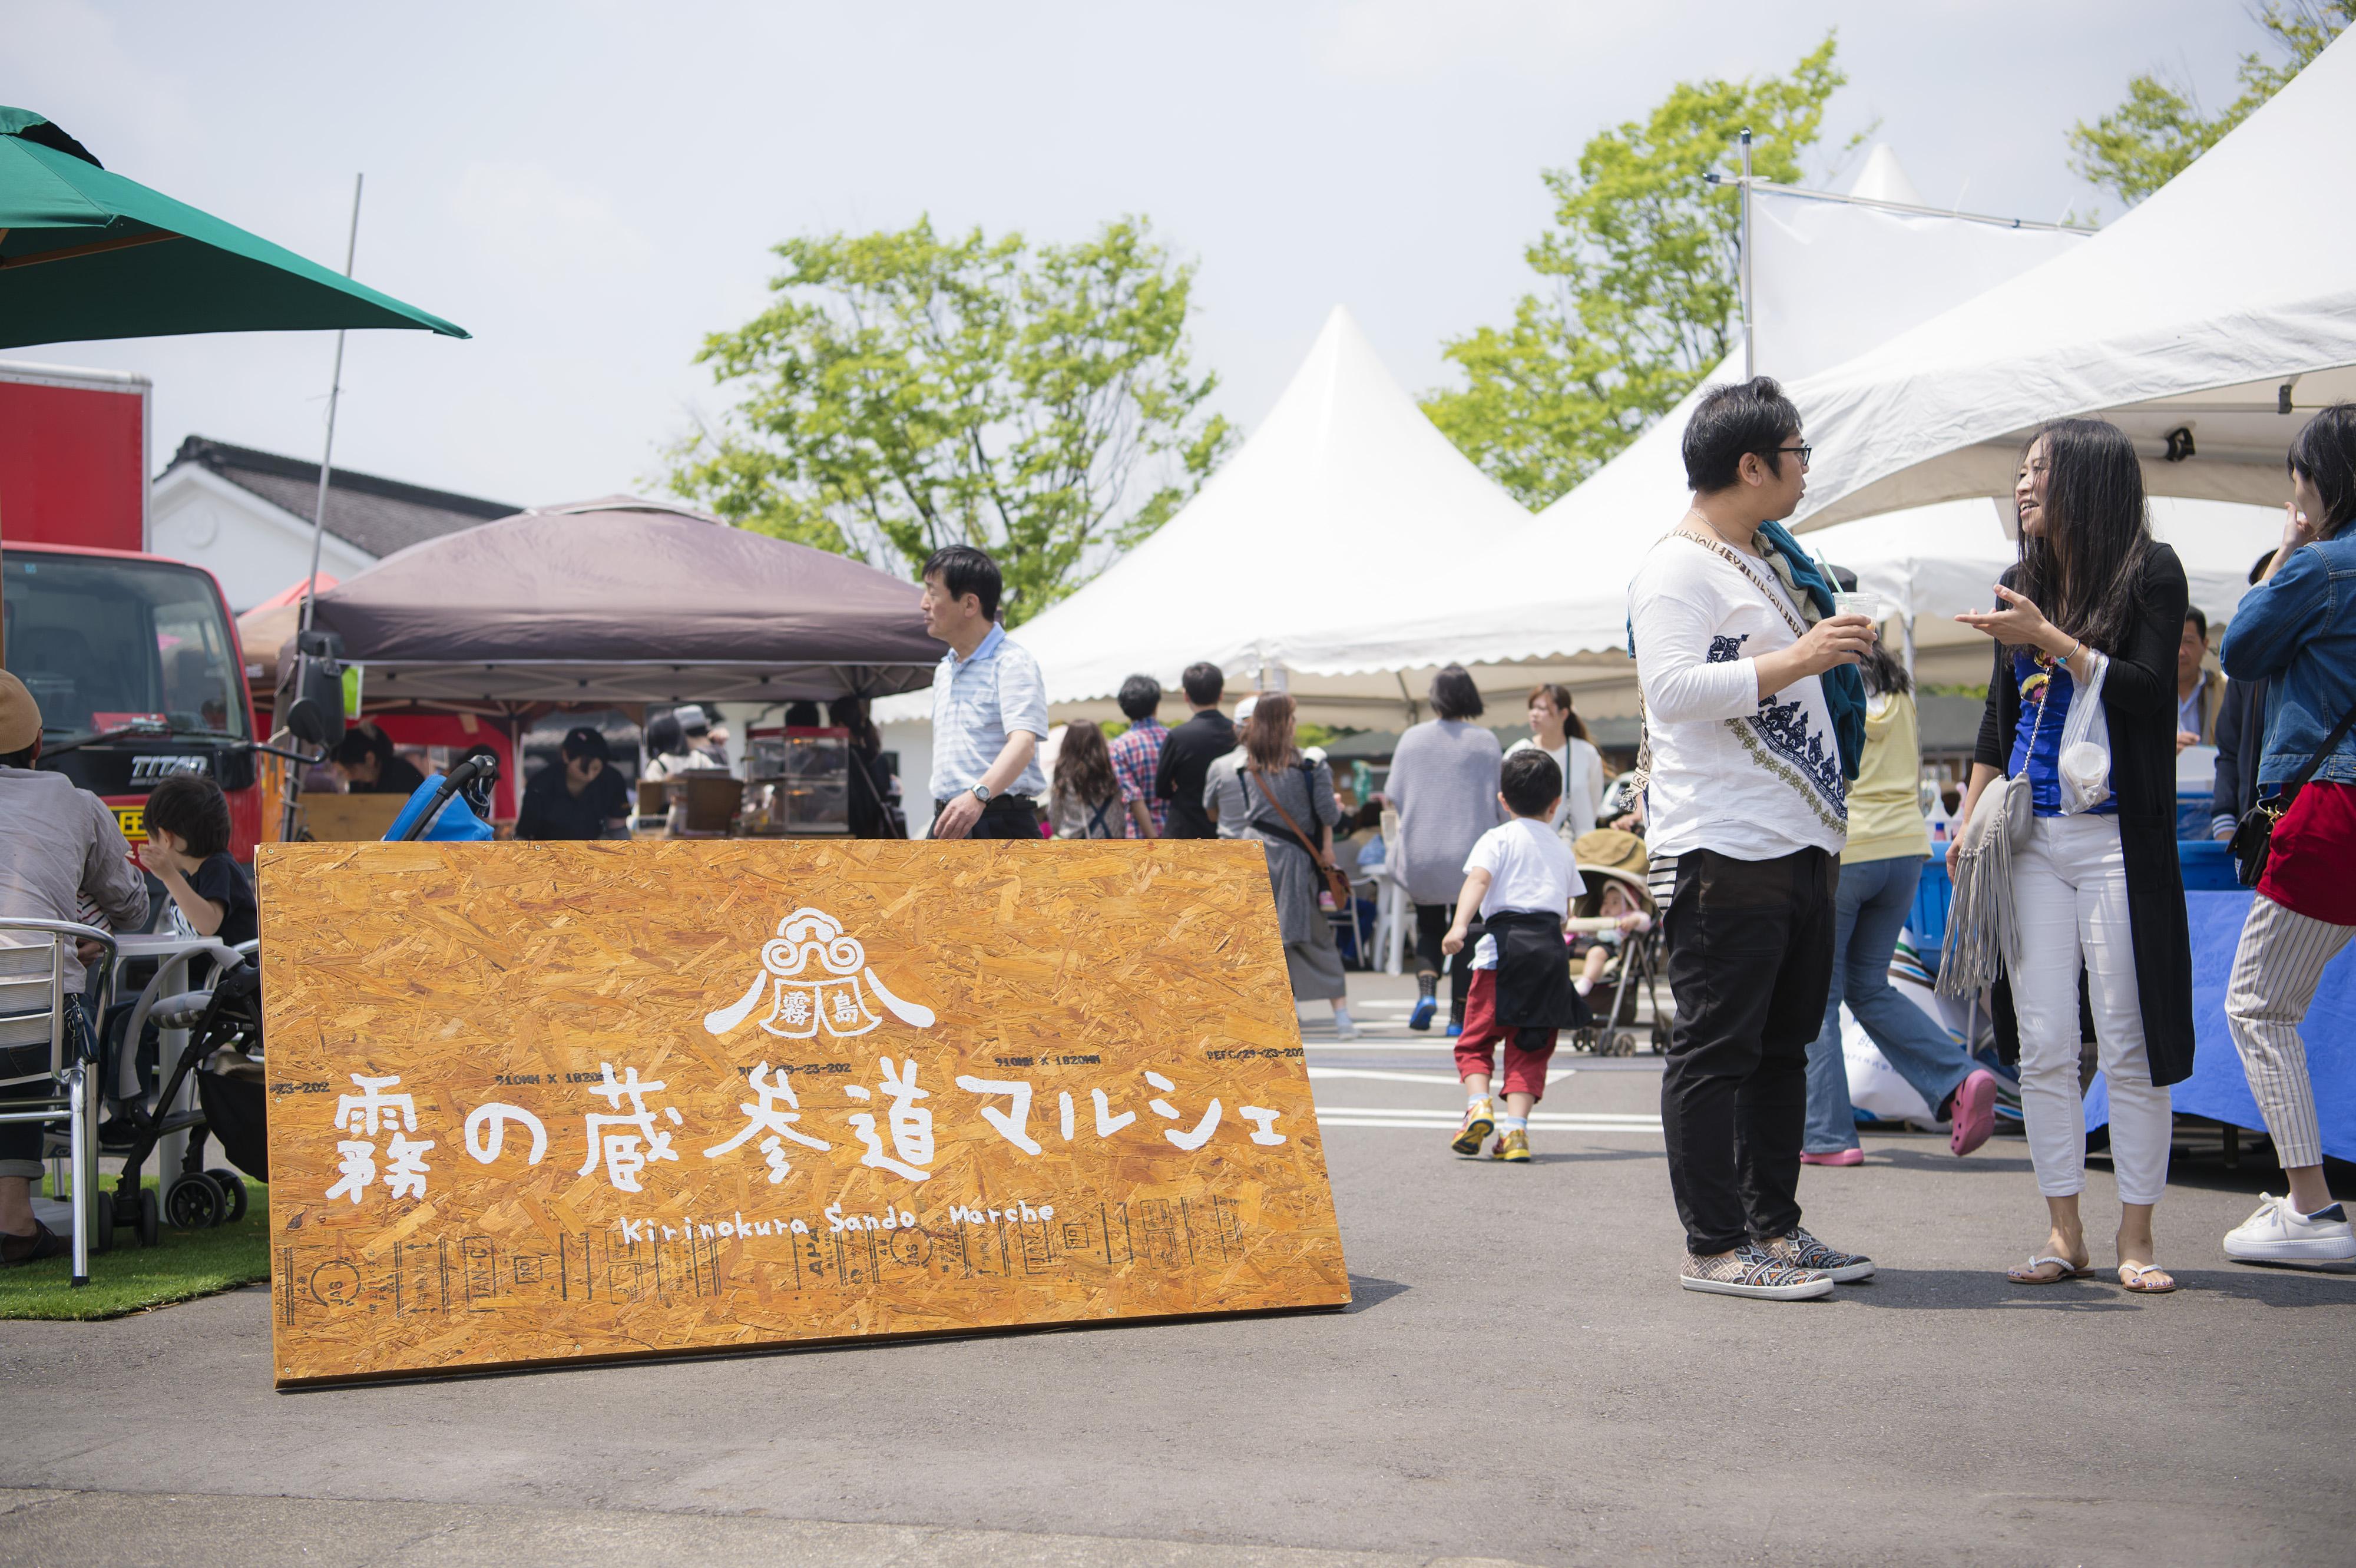 4月27日・28日 第9回「霧の蔵参道マルシェ」を開催します!【pickup】